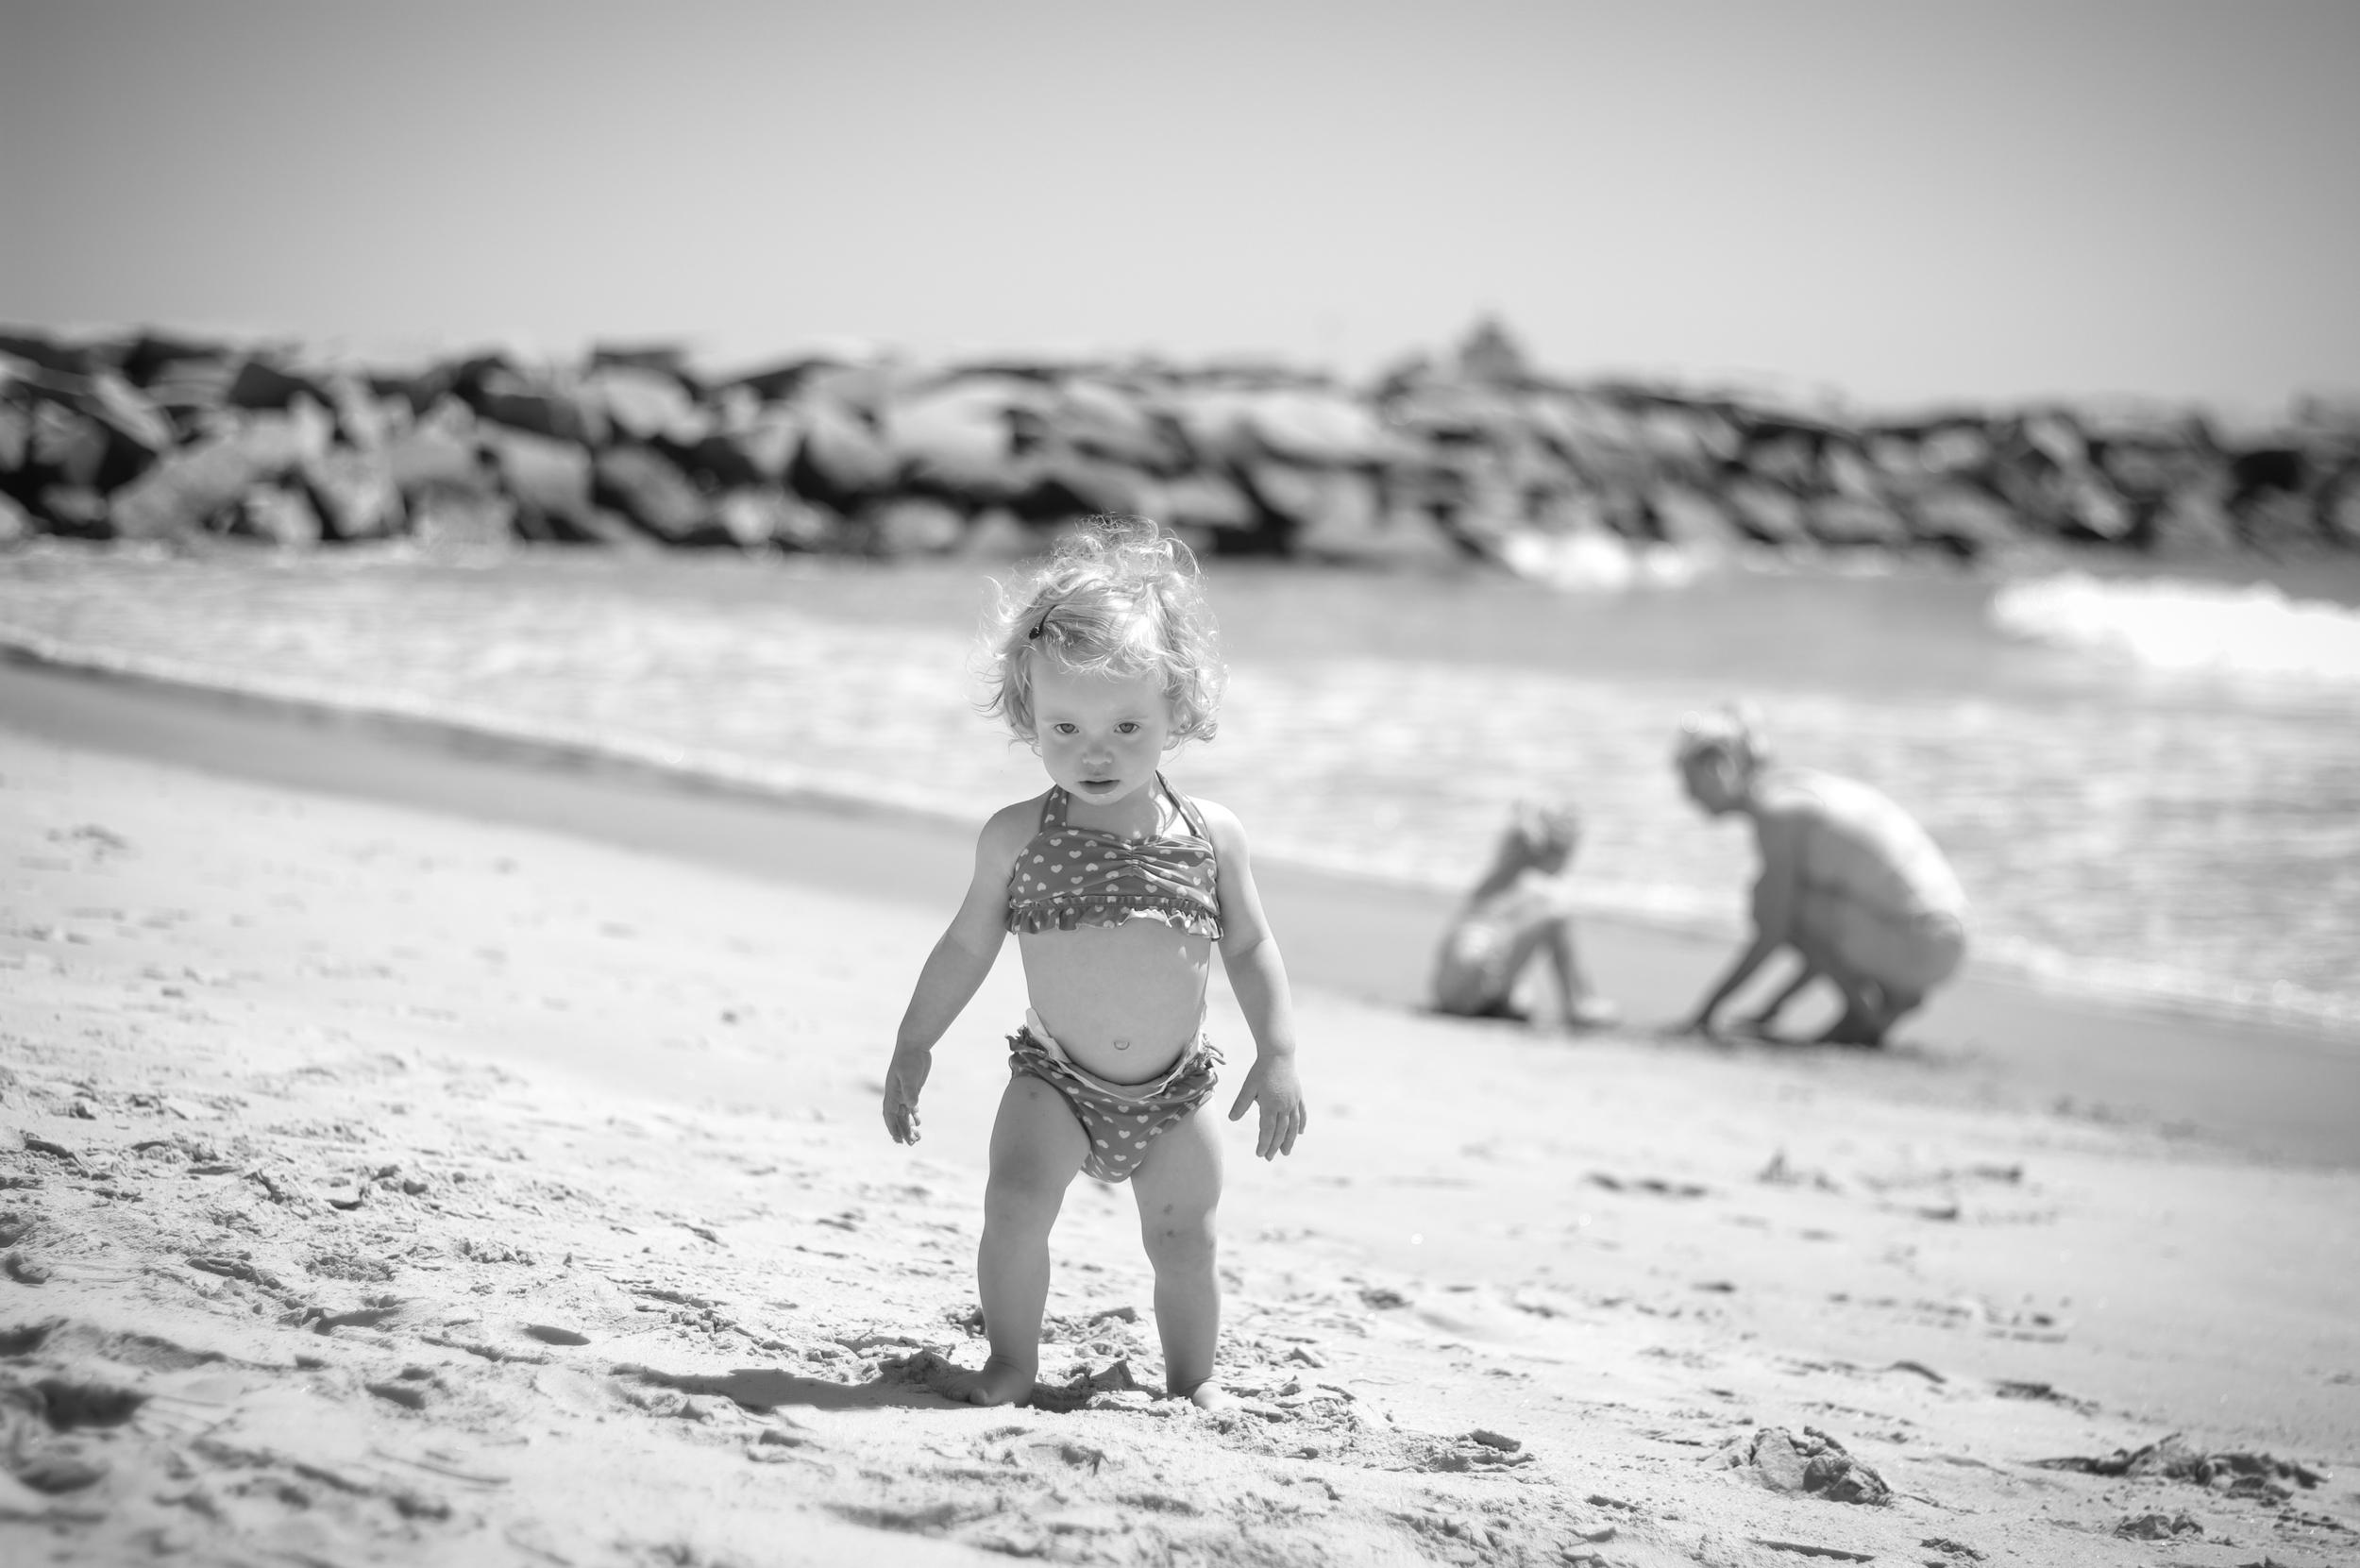 beachday-300dpi-1351